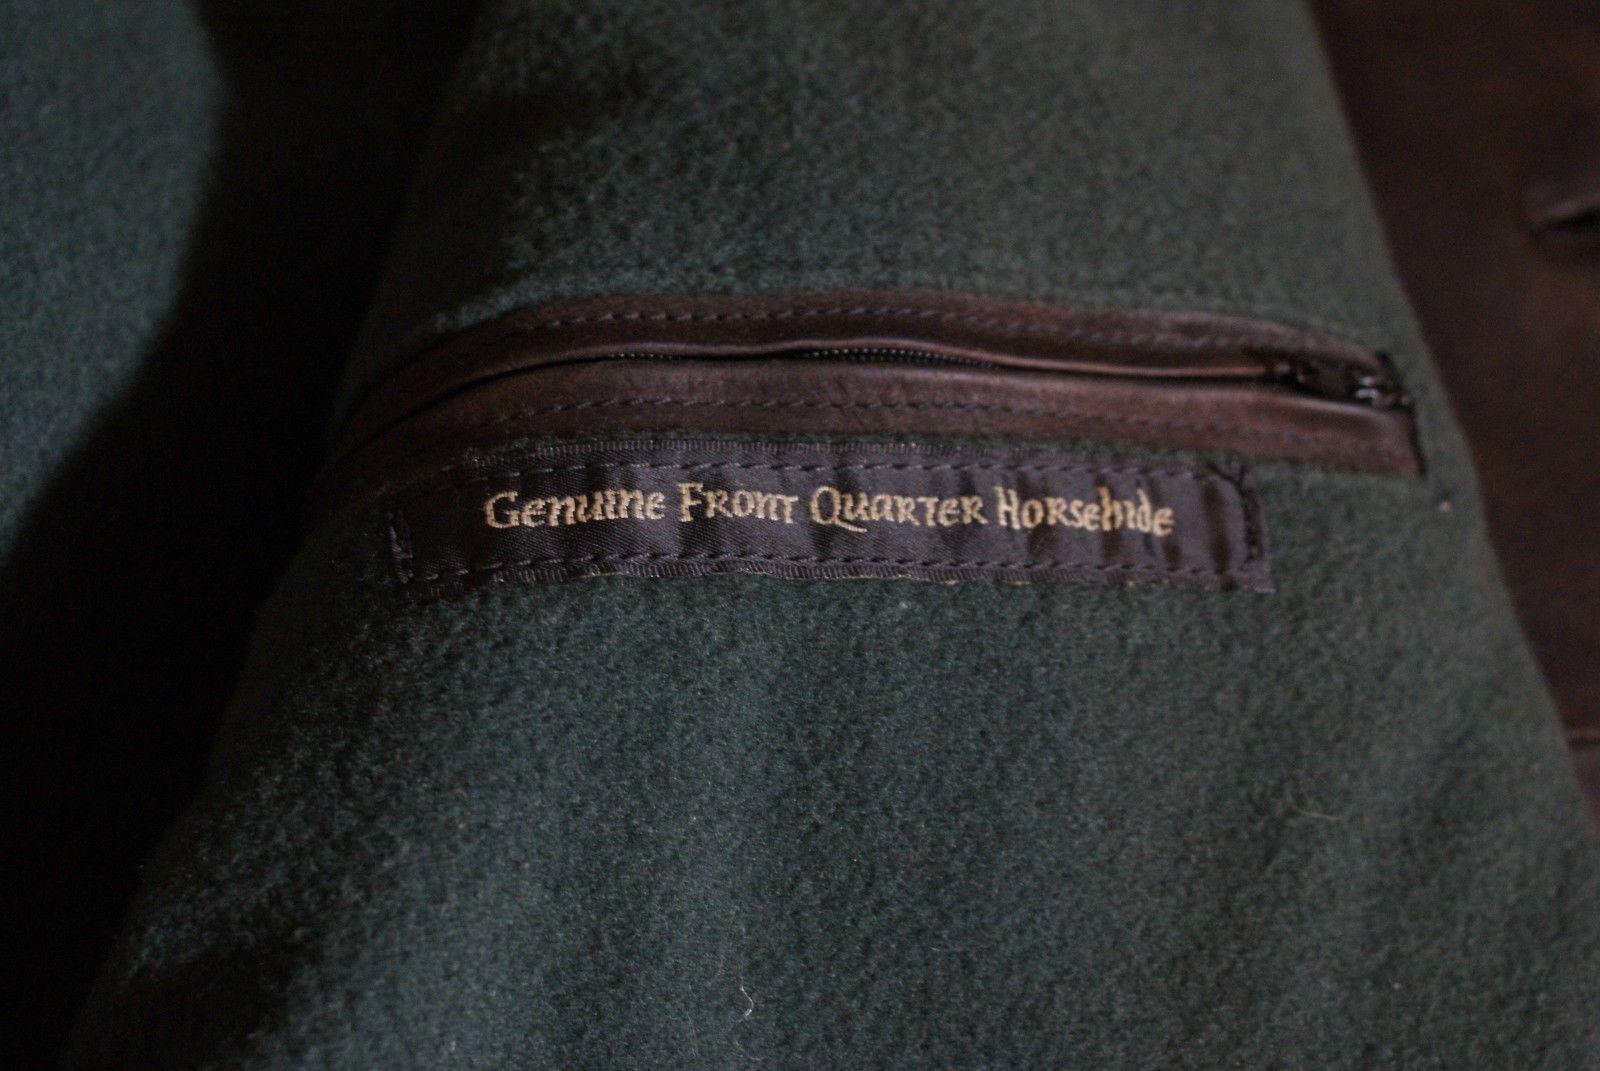 Vintage-Genuine-Front-Quarter-Horsehide-Leather-Work-Coat-_574.jpg